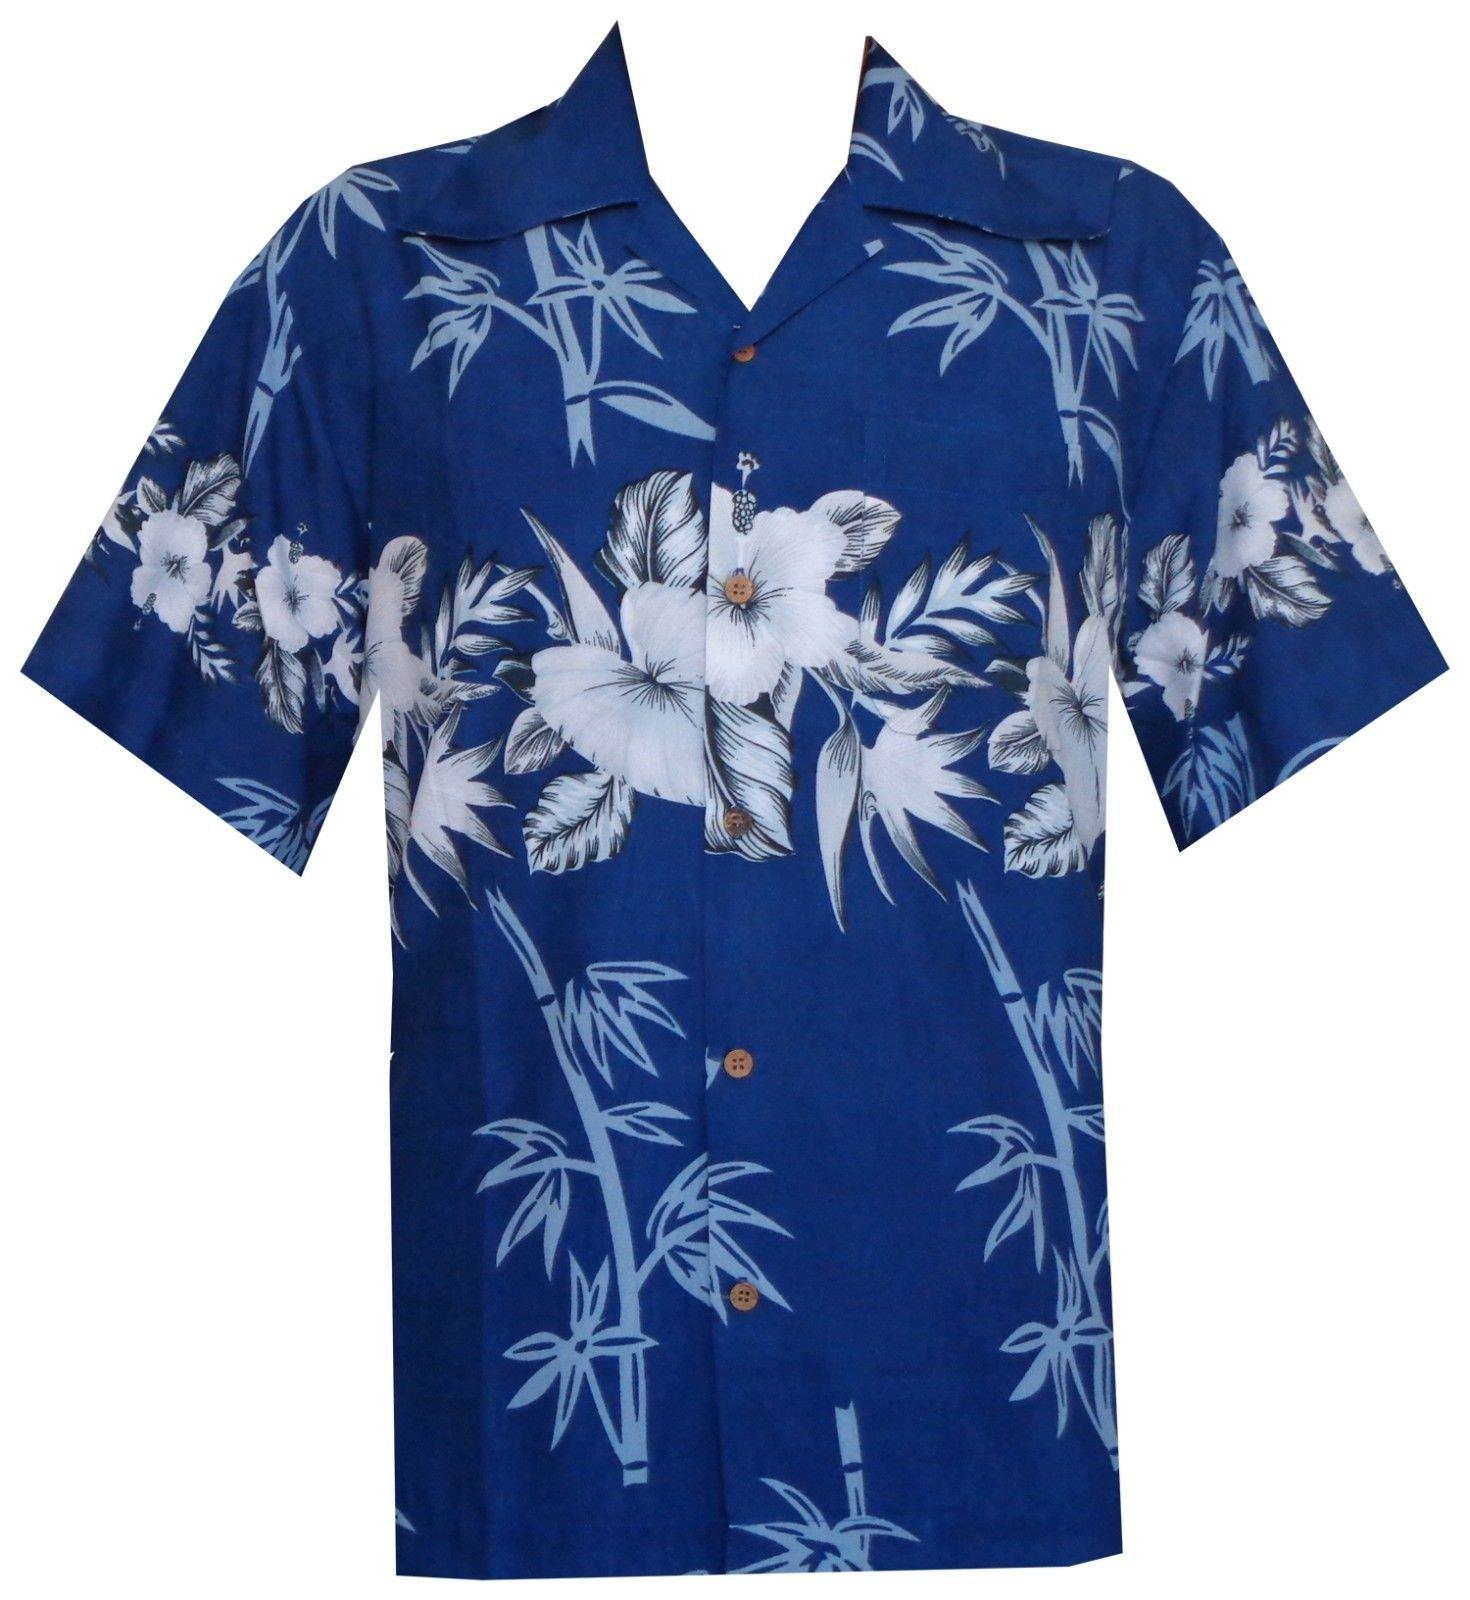 Alvish Hawaiian Shirt 35 Mens Bamboo Tree Print Beach Aloha Party Holiday Blue XL